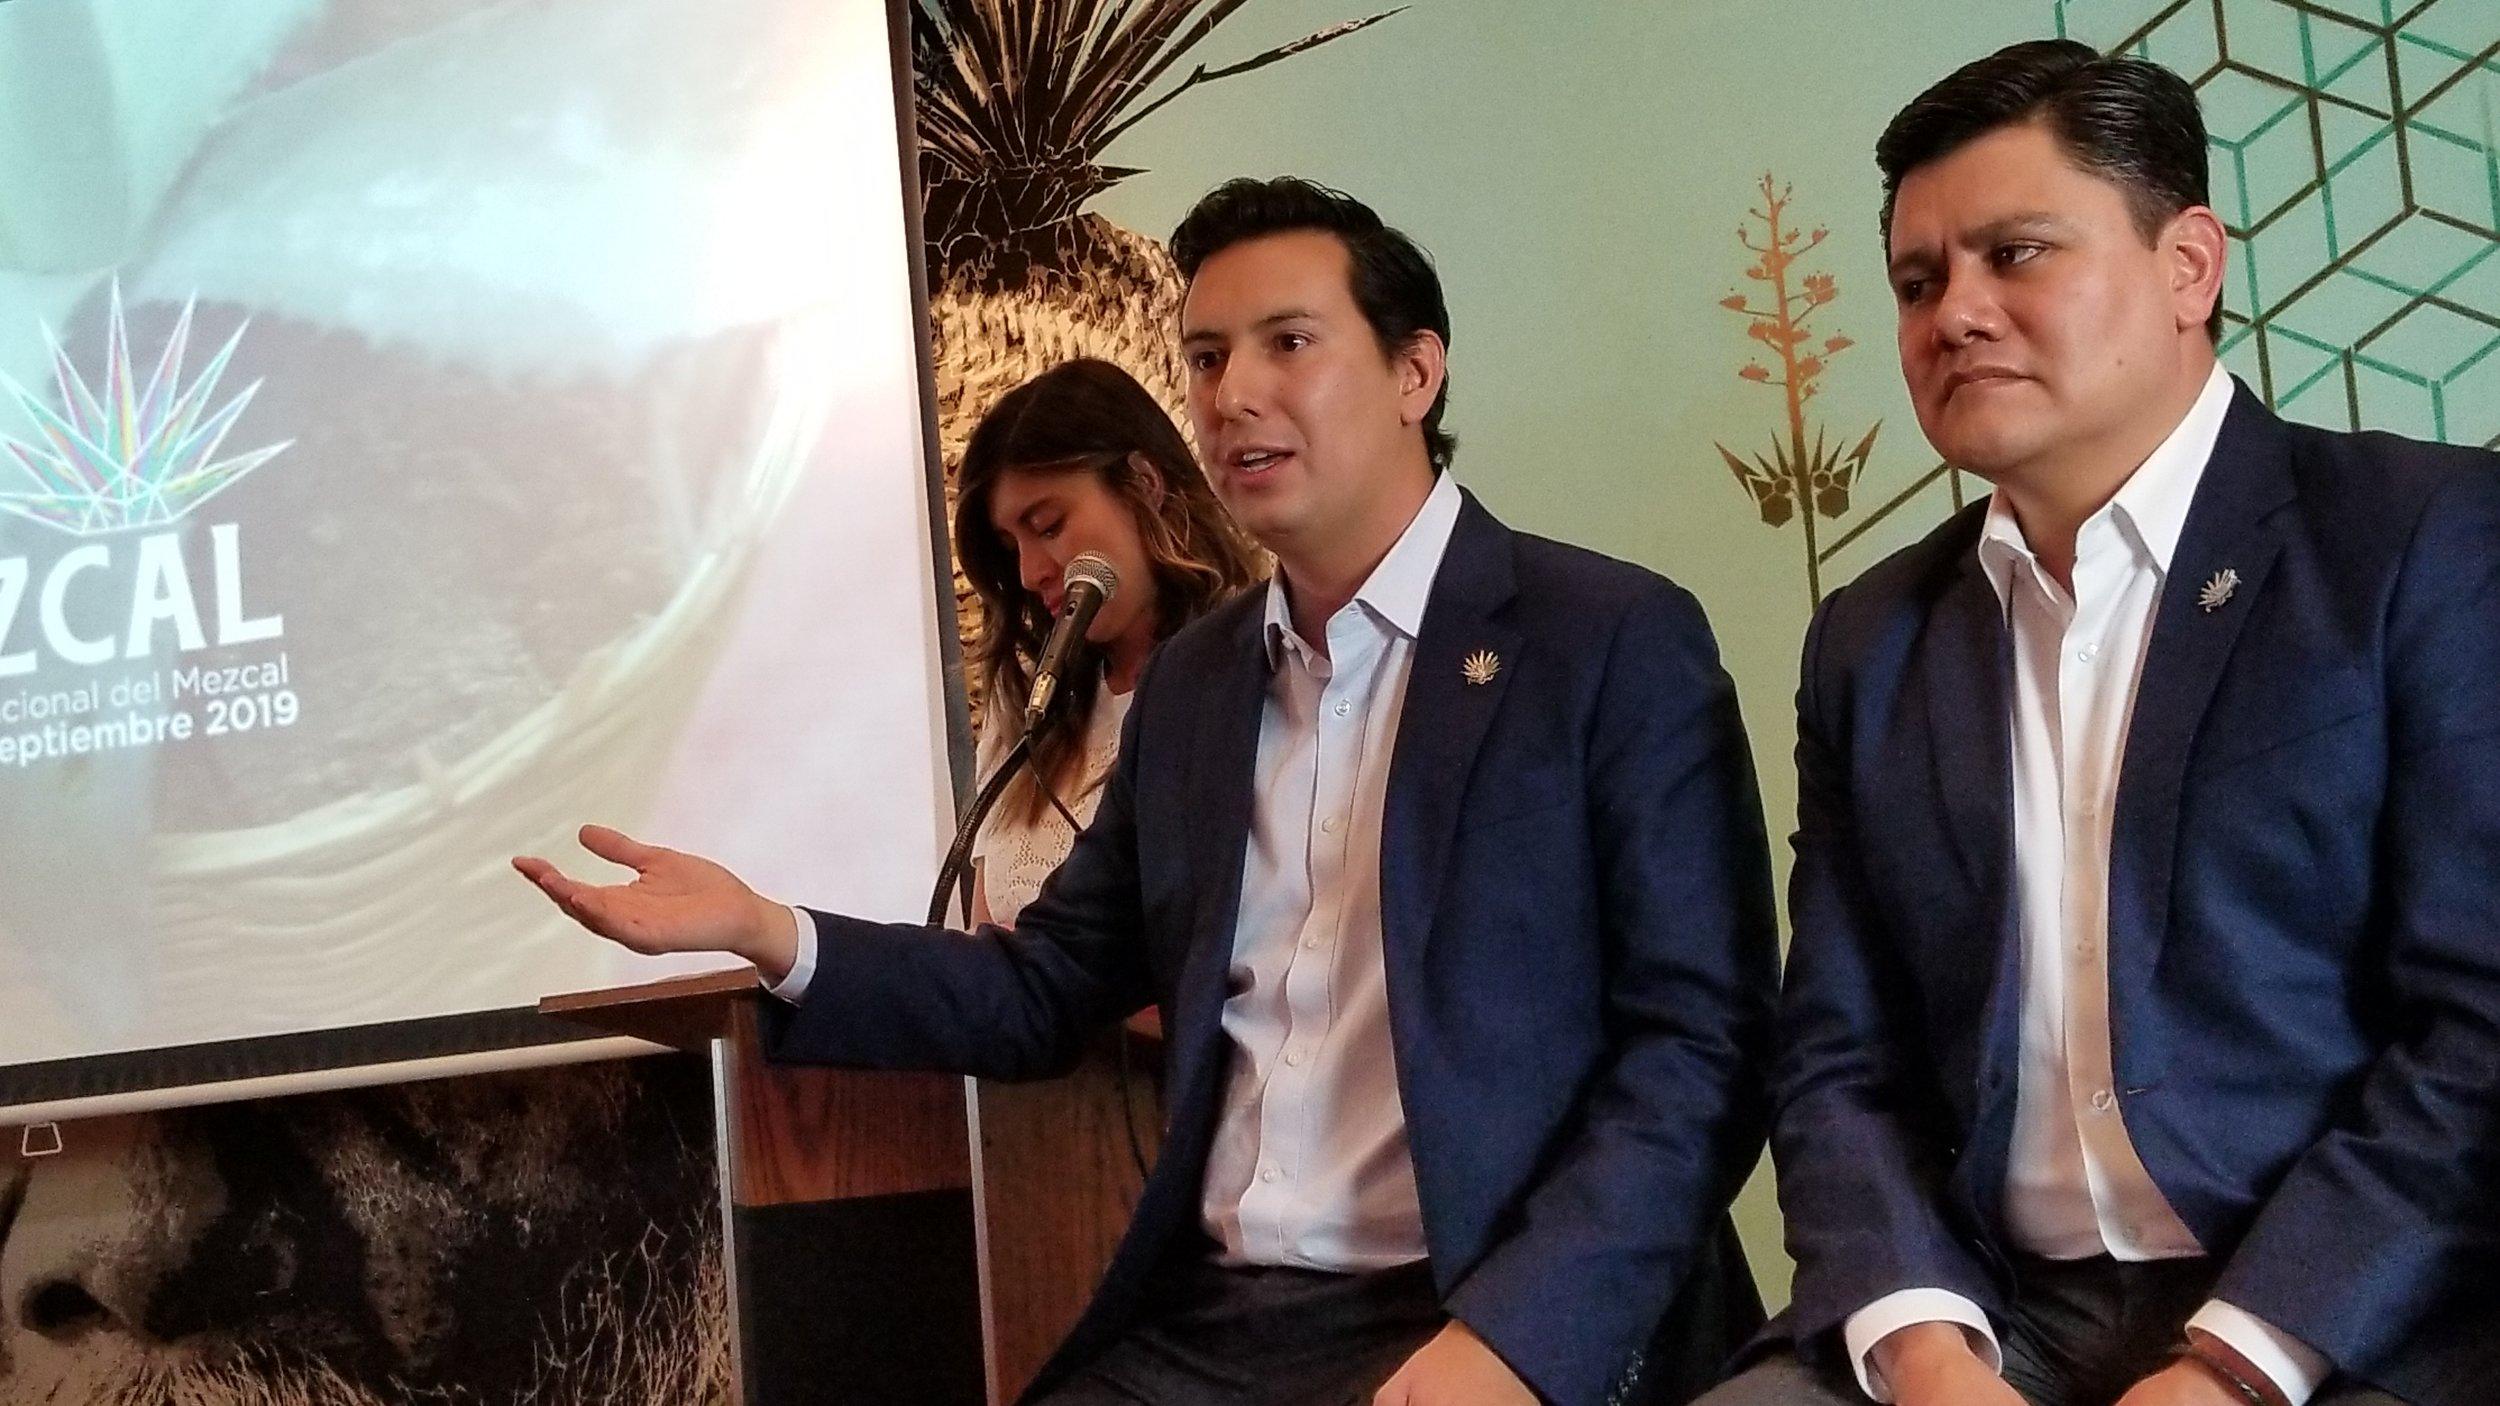 Juan Pablo Guzmán Cabián, secretario de Economía y presidente del Comité Organizador del foro; y Juan Carlos Rivera Castellanos, secretario de Turismo estuvieron en Los Angeles para invitar al evento.